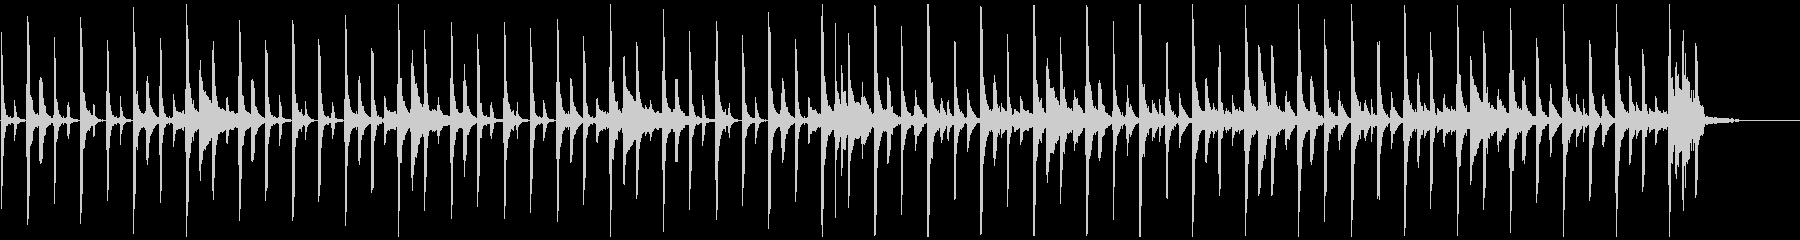 【リズム楽器のみ】元気なクラップの未再生の波形